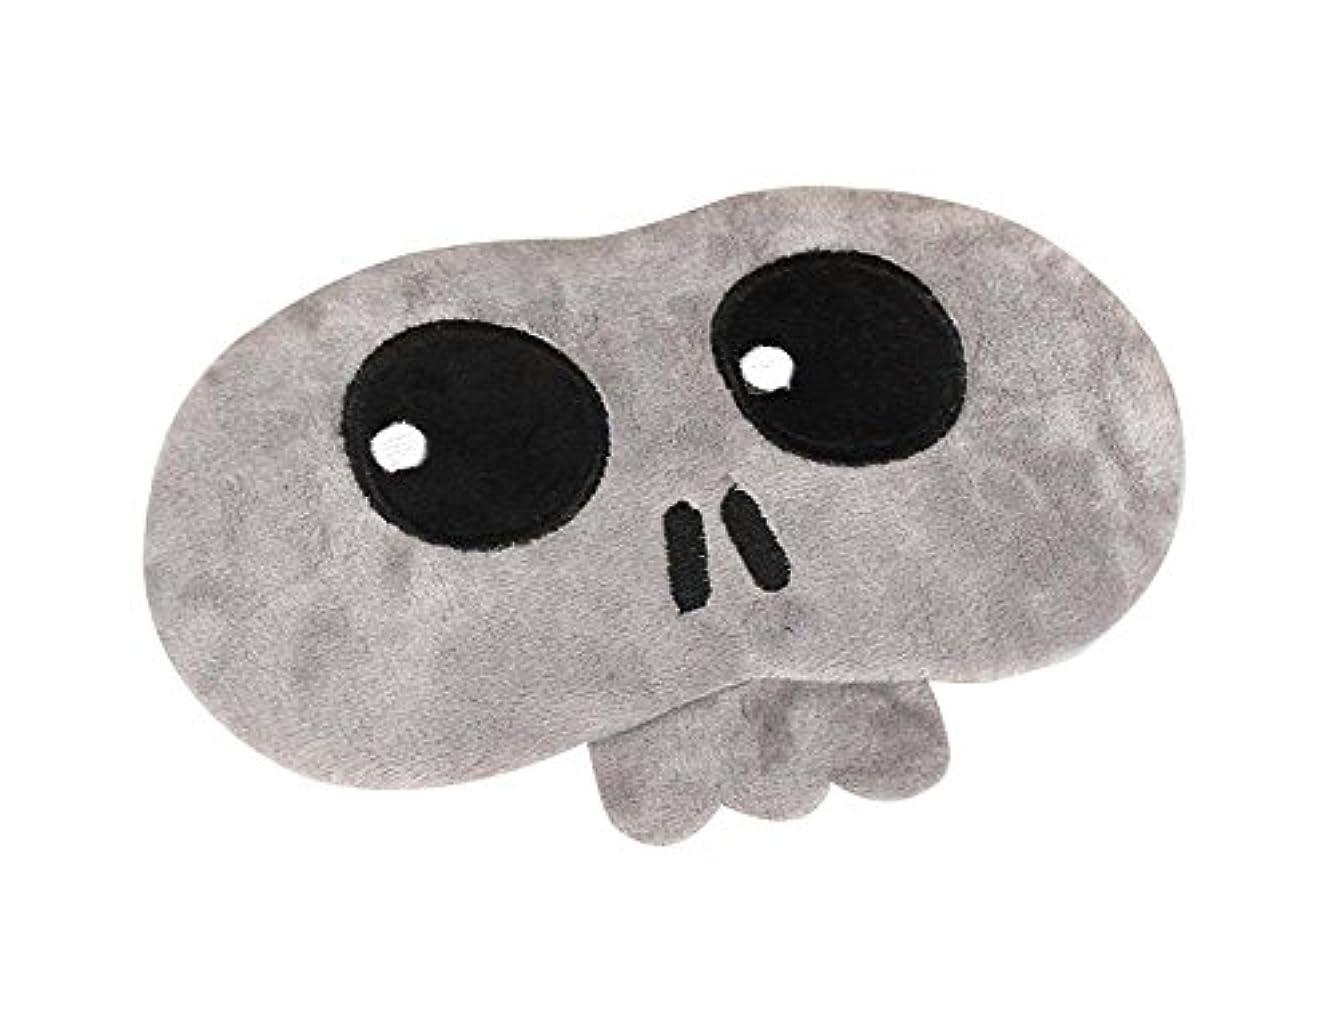 事業内容経済的中性灰色の頭蓋骨の睡眠の目のマスク快適な目のカバー通気性のアイシェイド